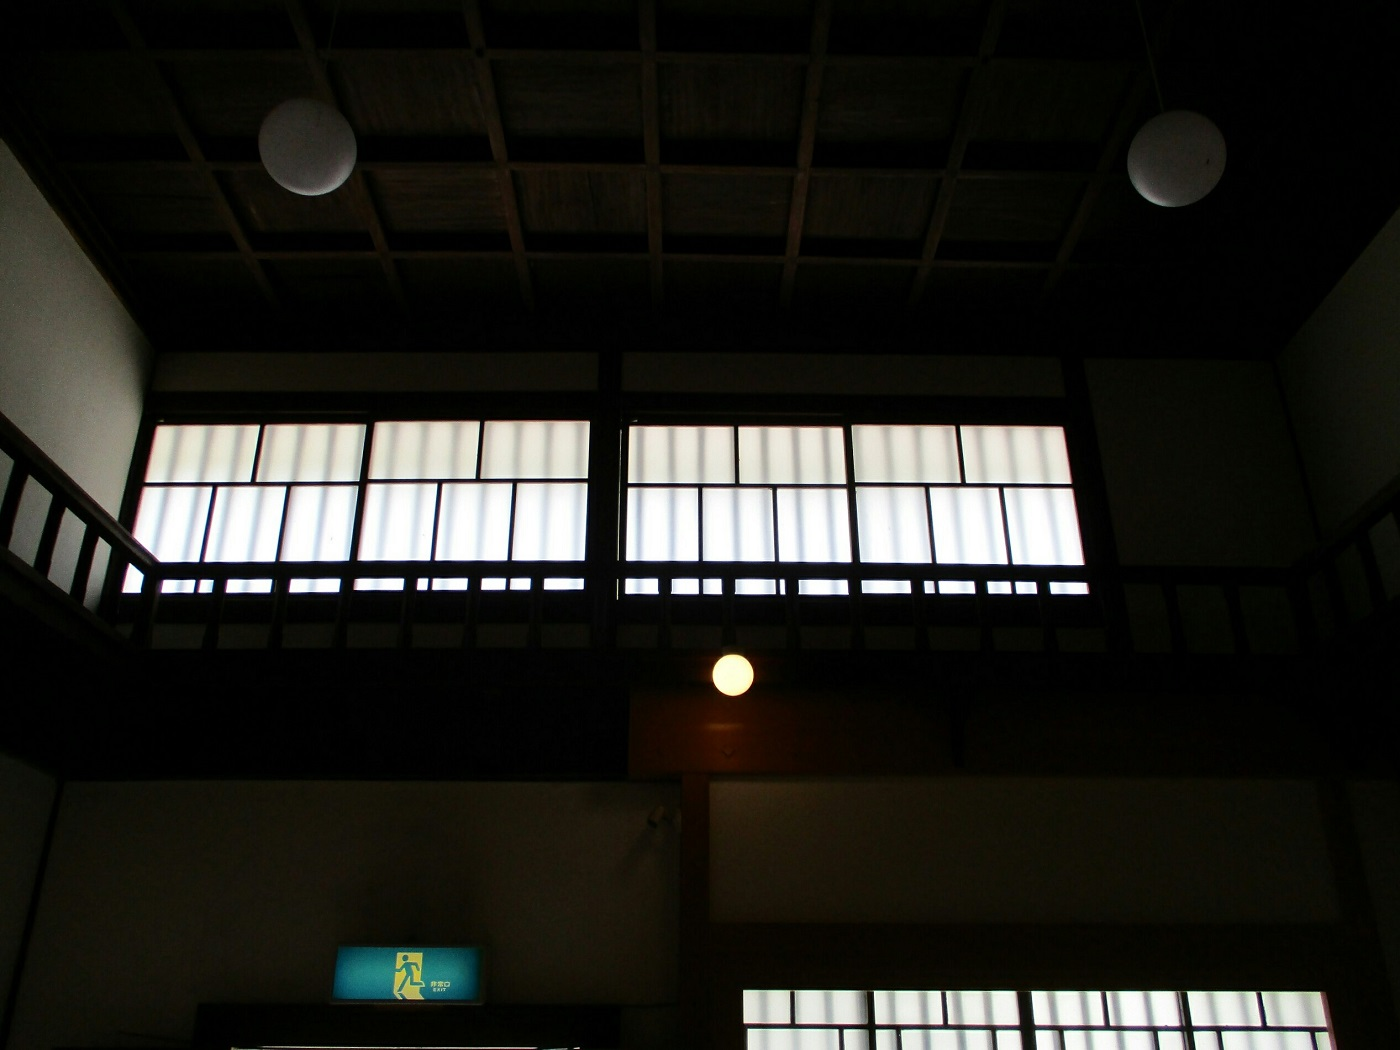 2018.6.22 (87) 中馬館 - 内部 1400-1050